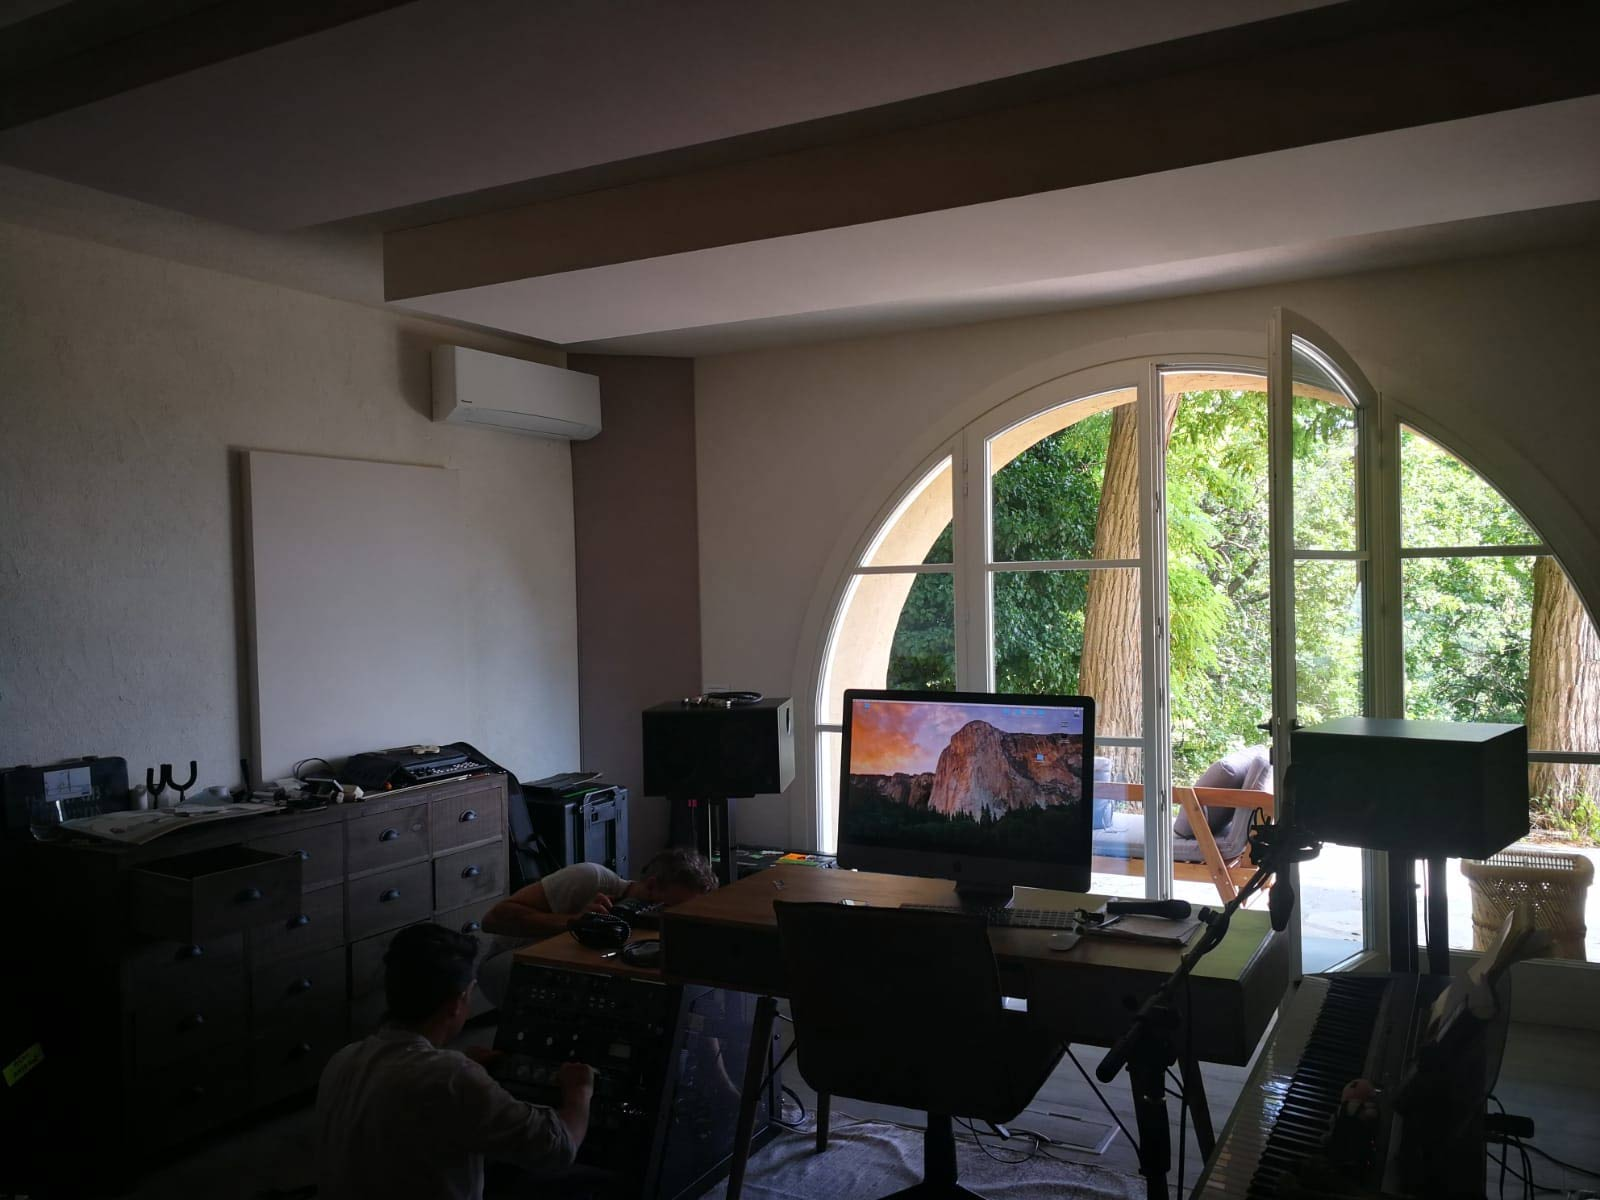 asaf-avidan-studio-in-pesaro_WEB